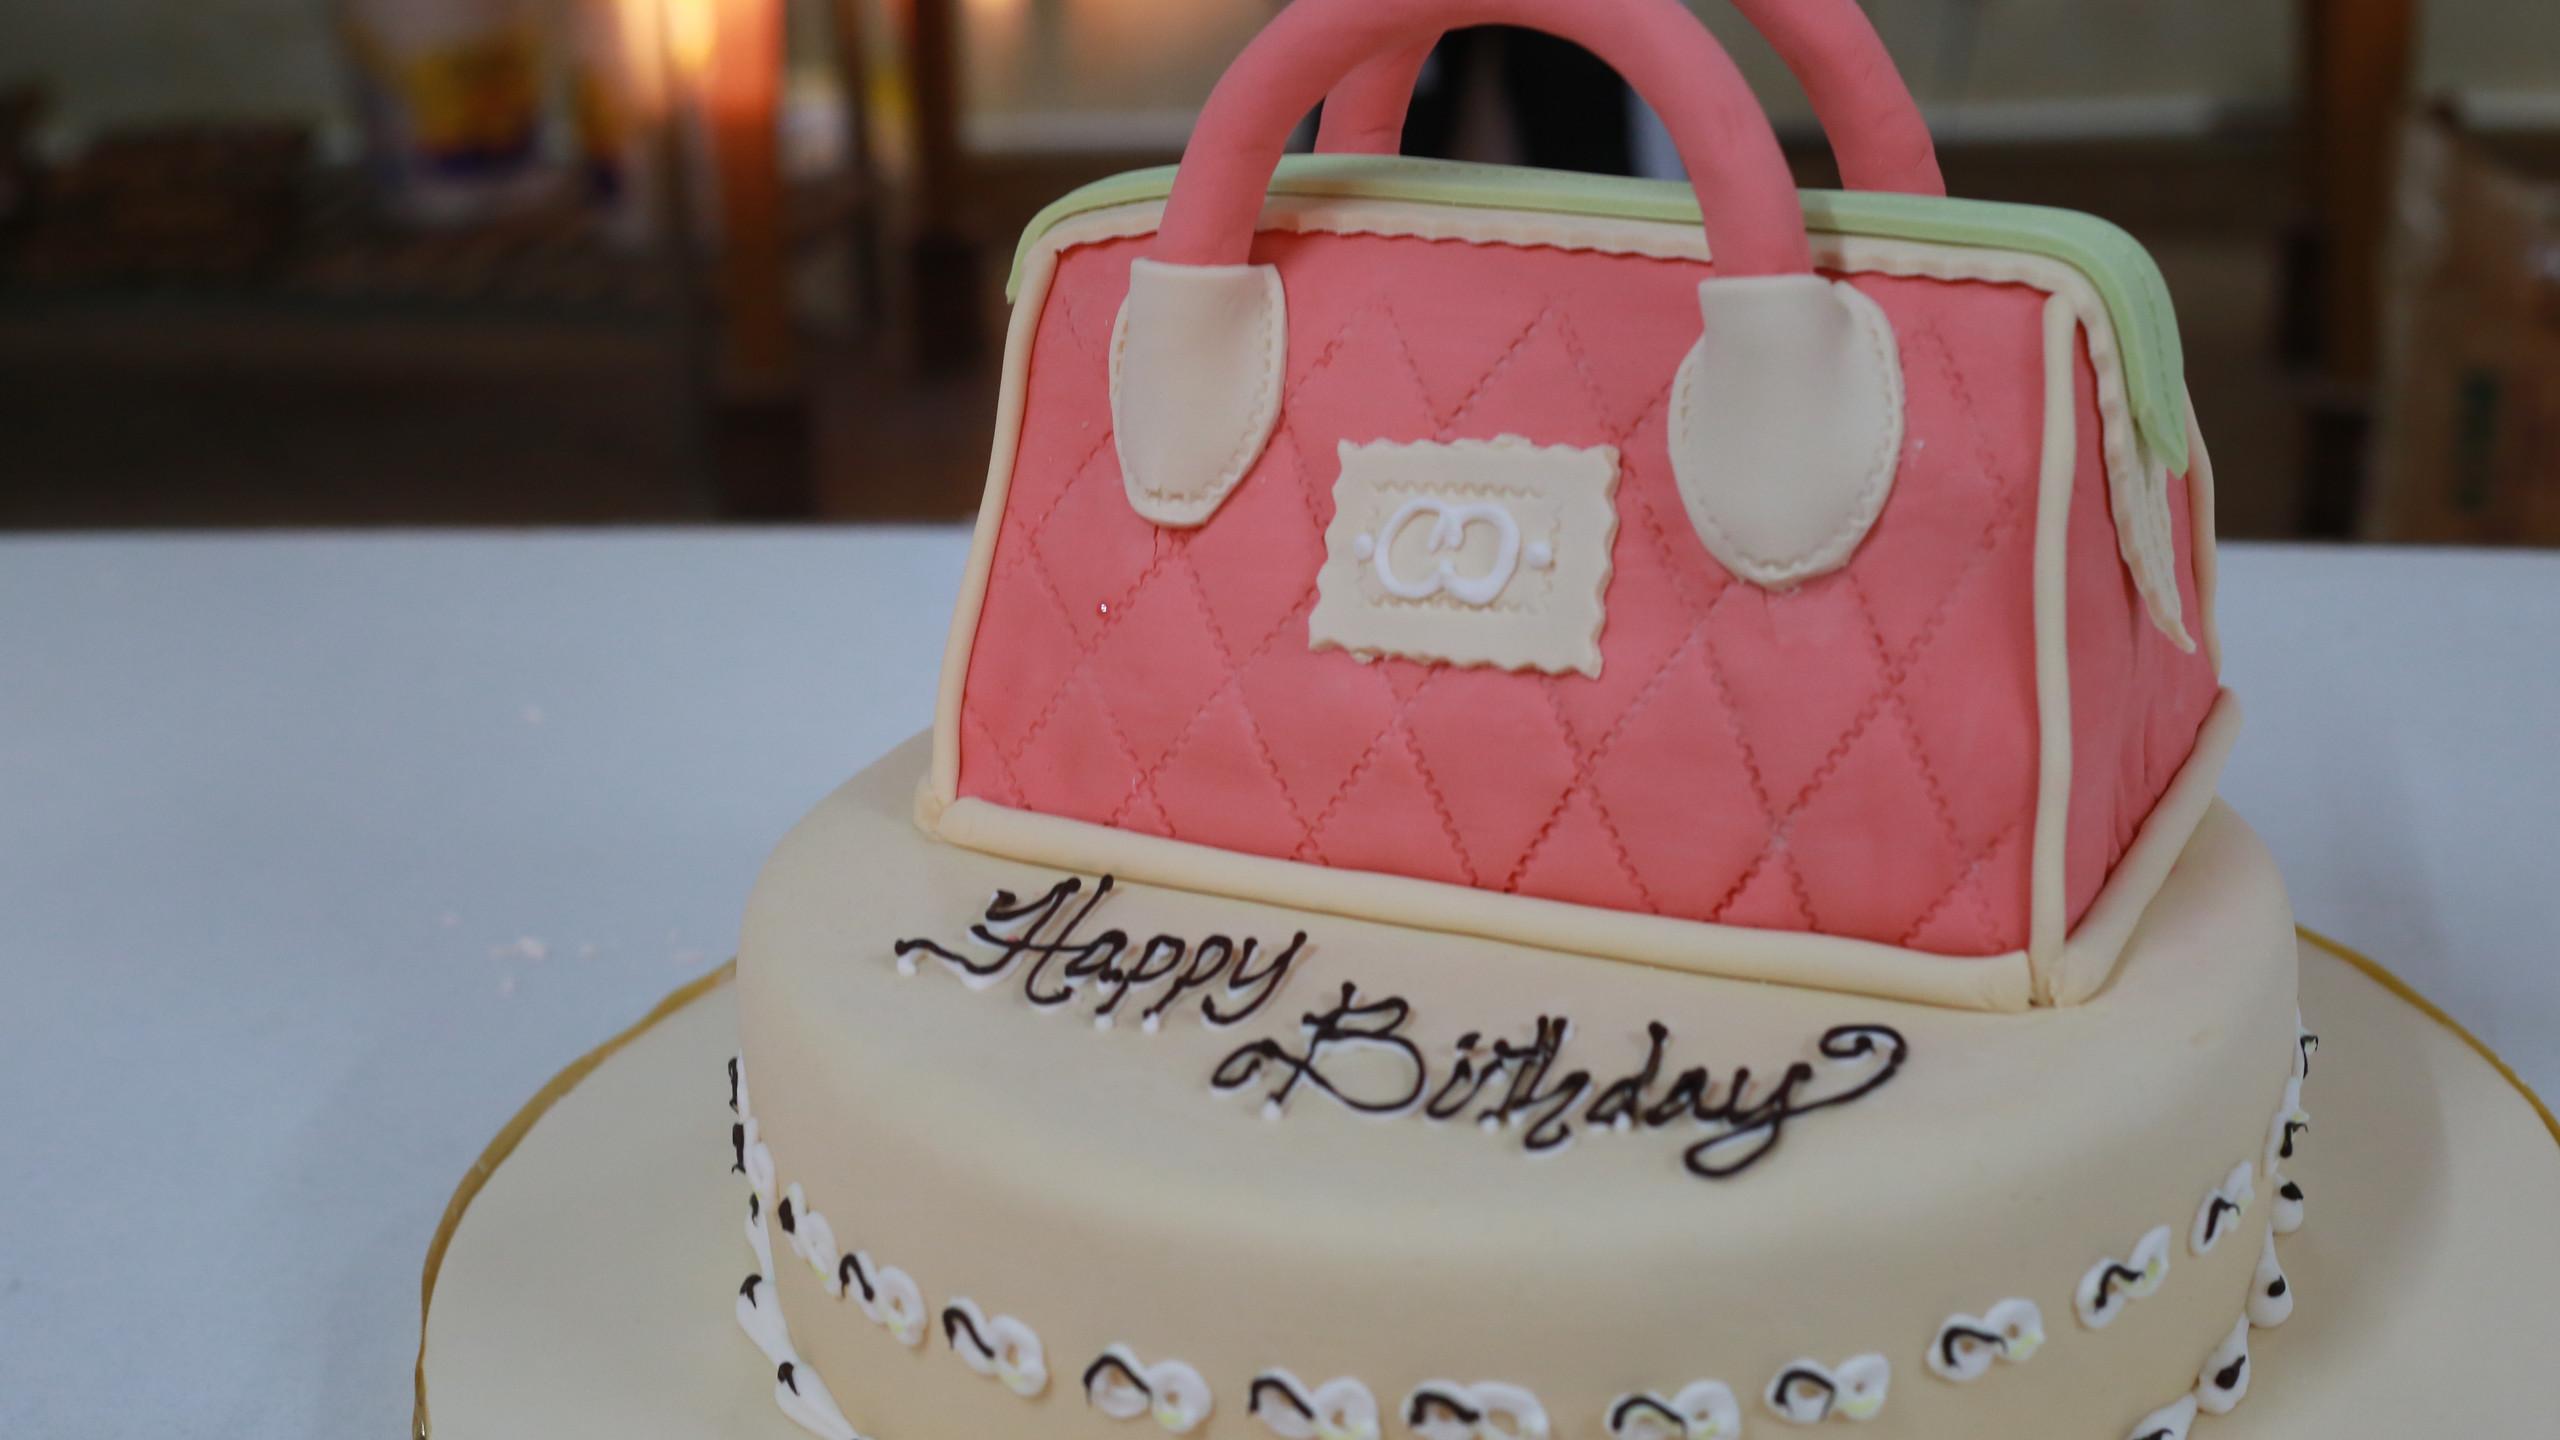 Der Handtaschenkuchen